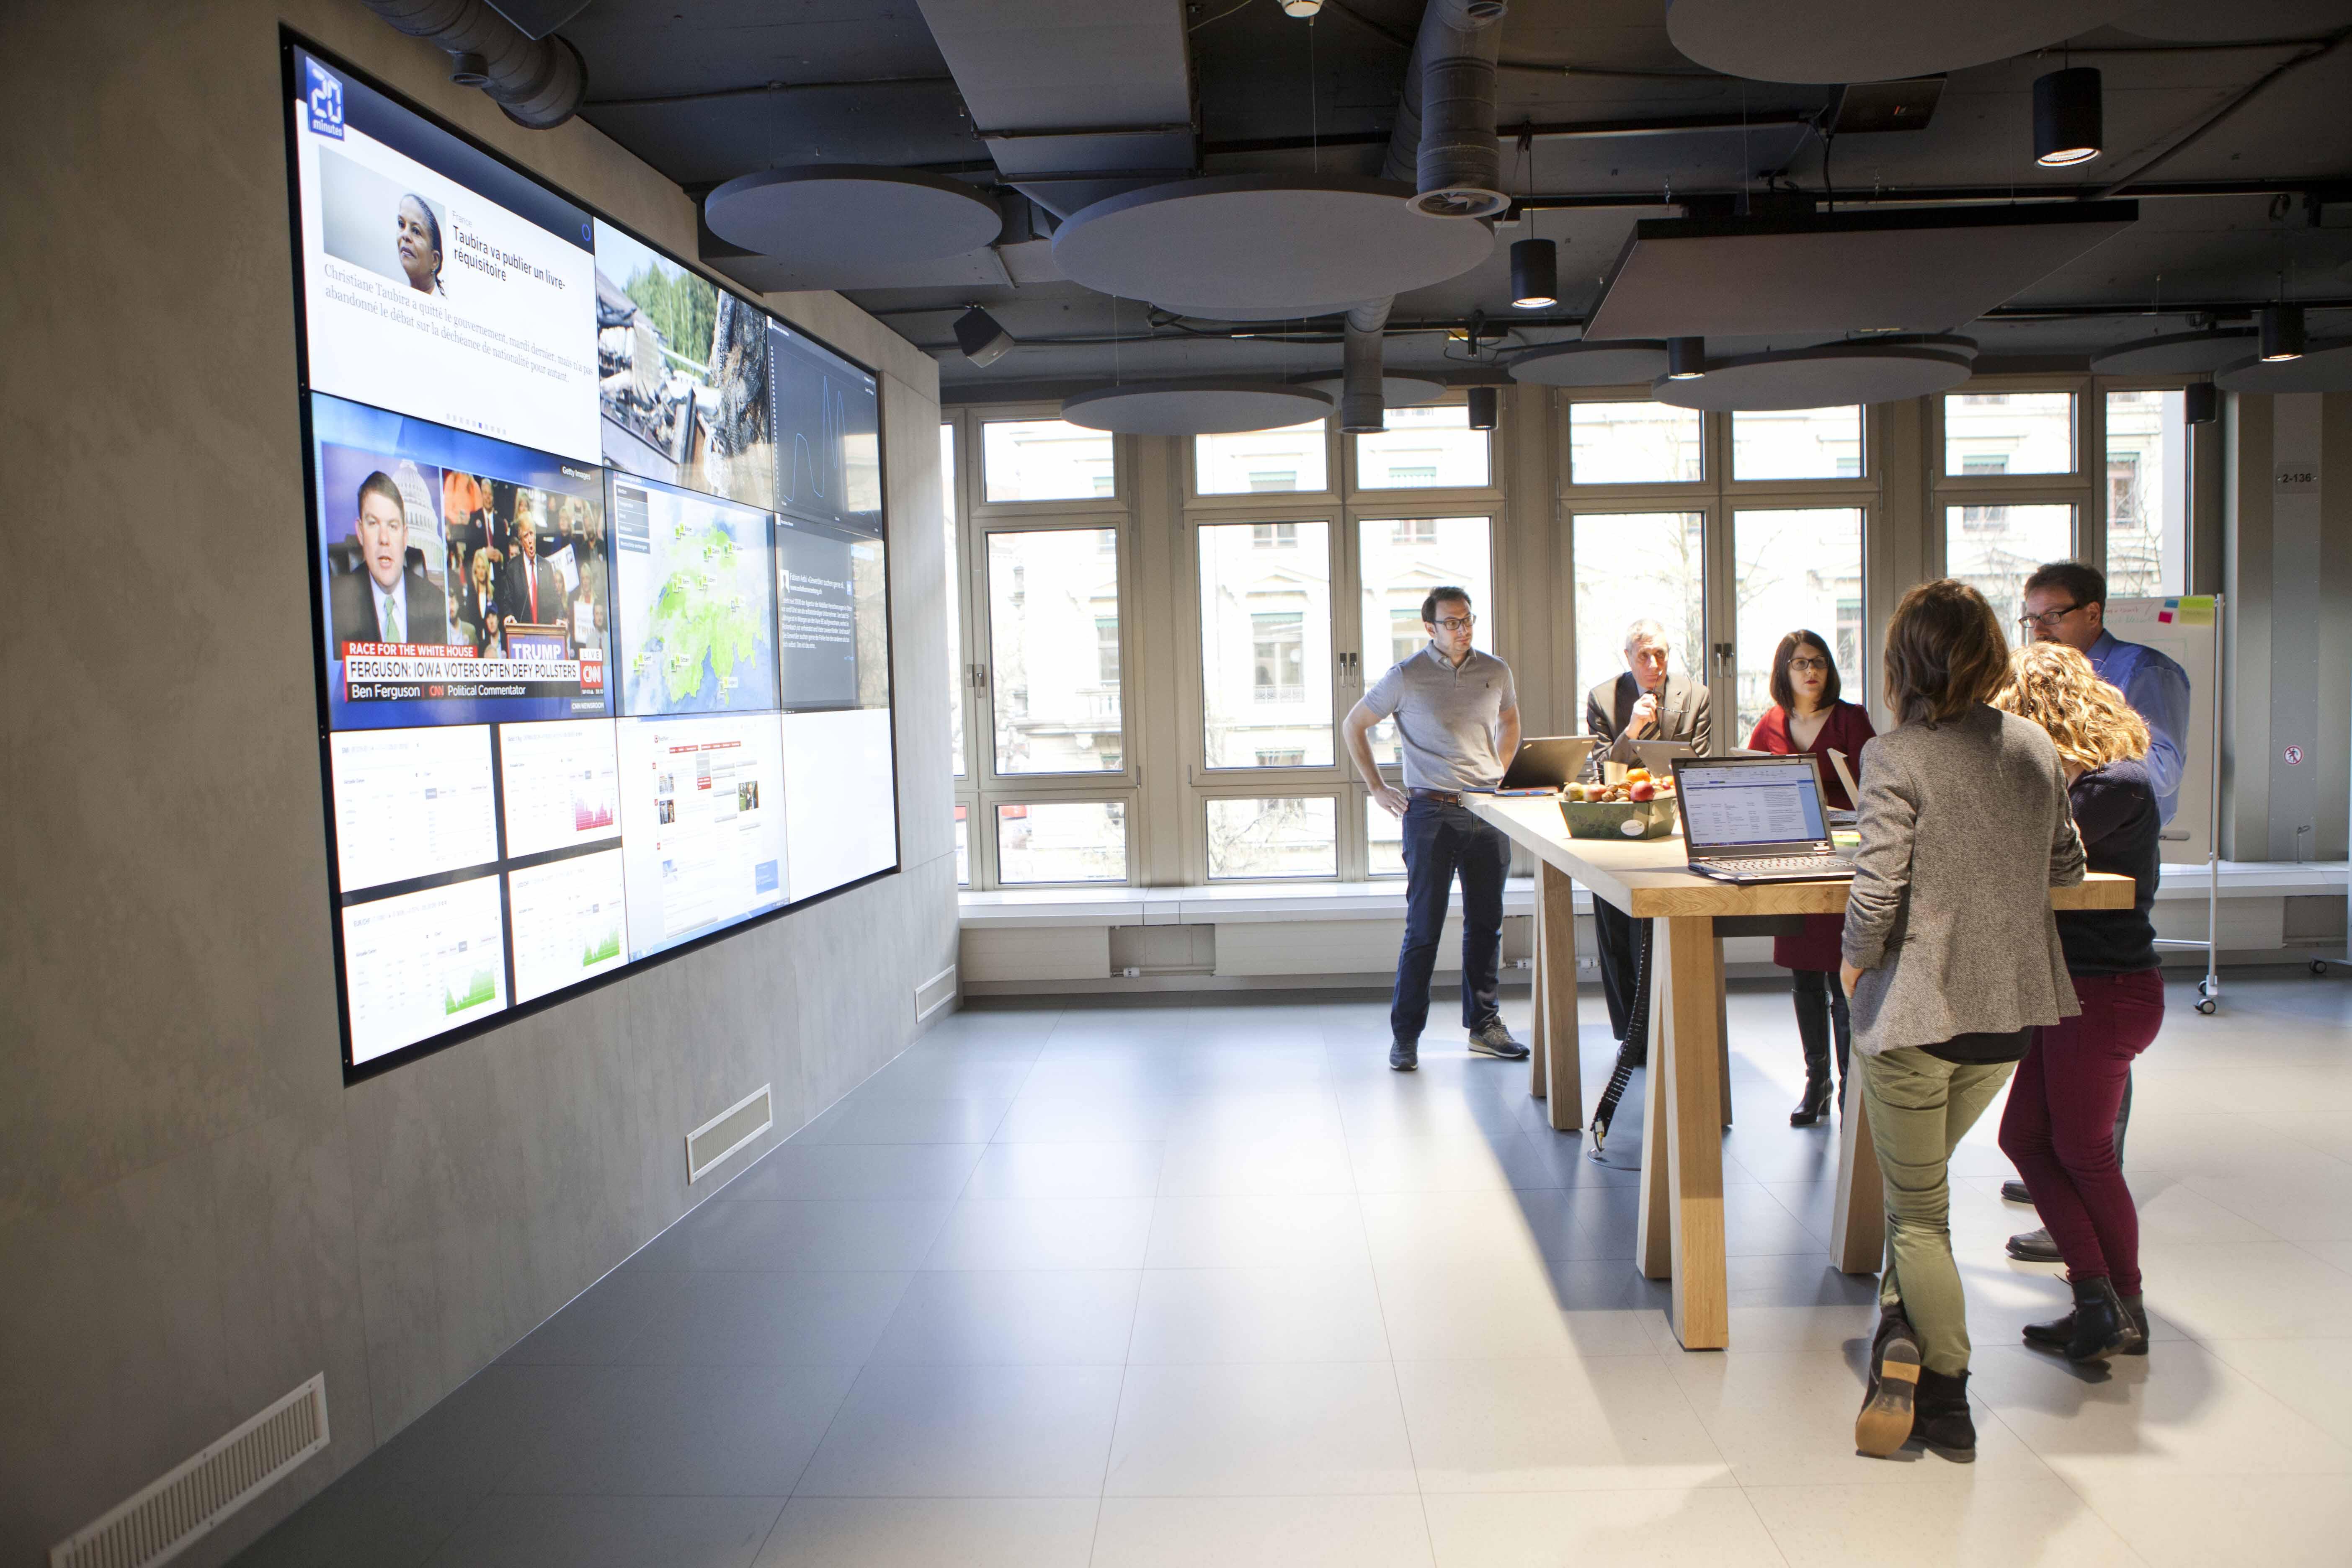 Corporate newsrooms in der schweiz die zahlen wissen for Versicherung mobiliar